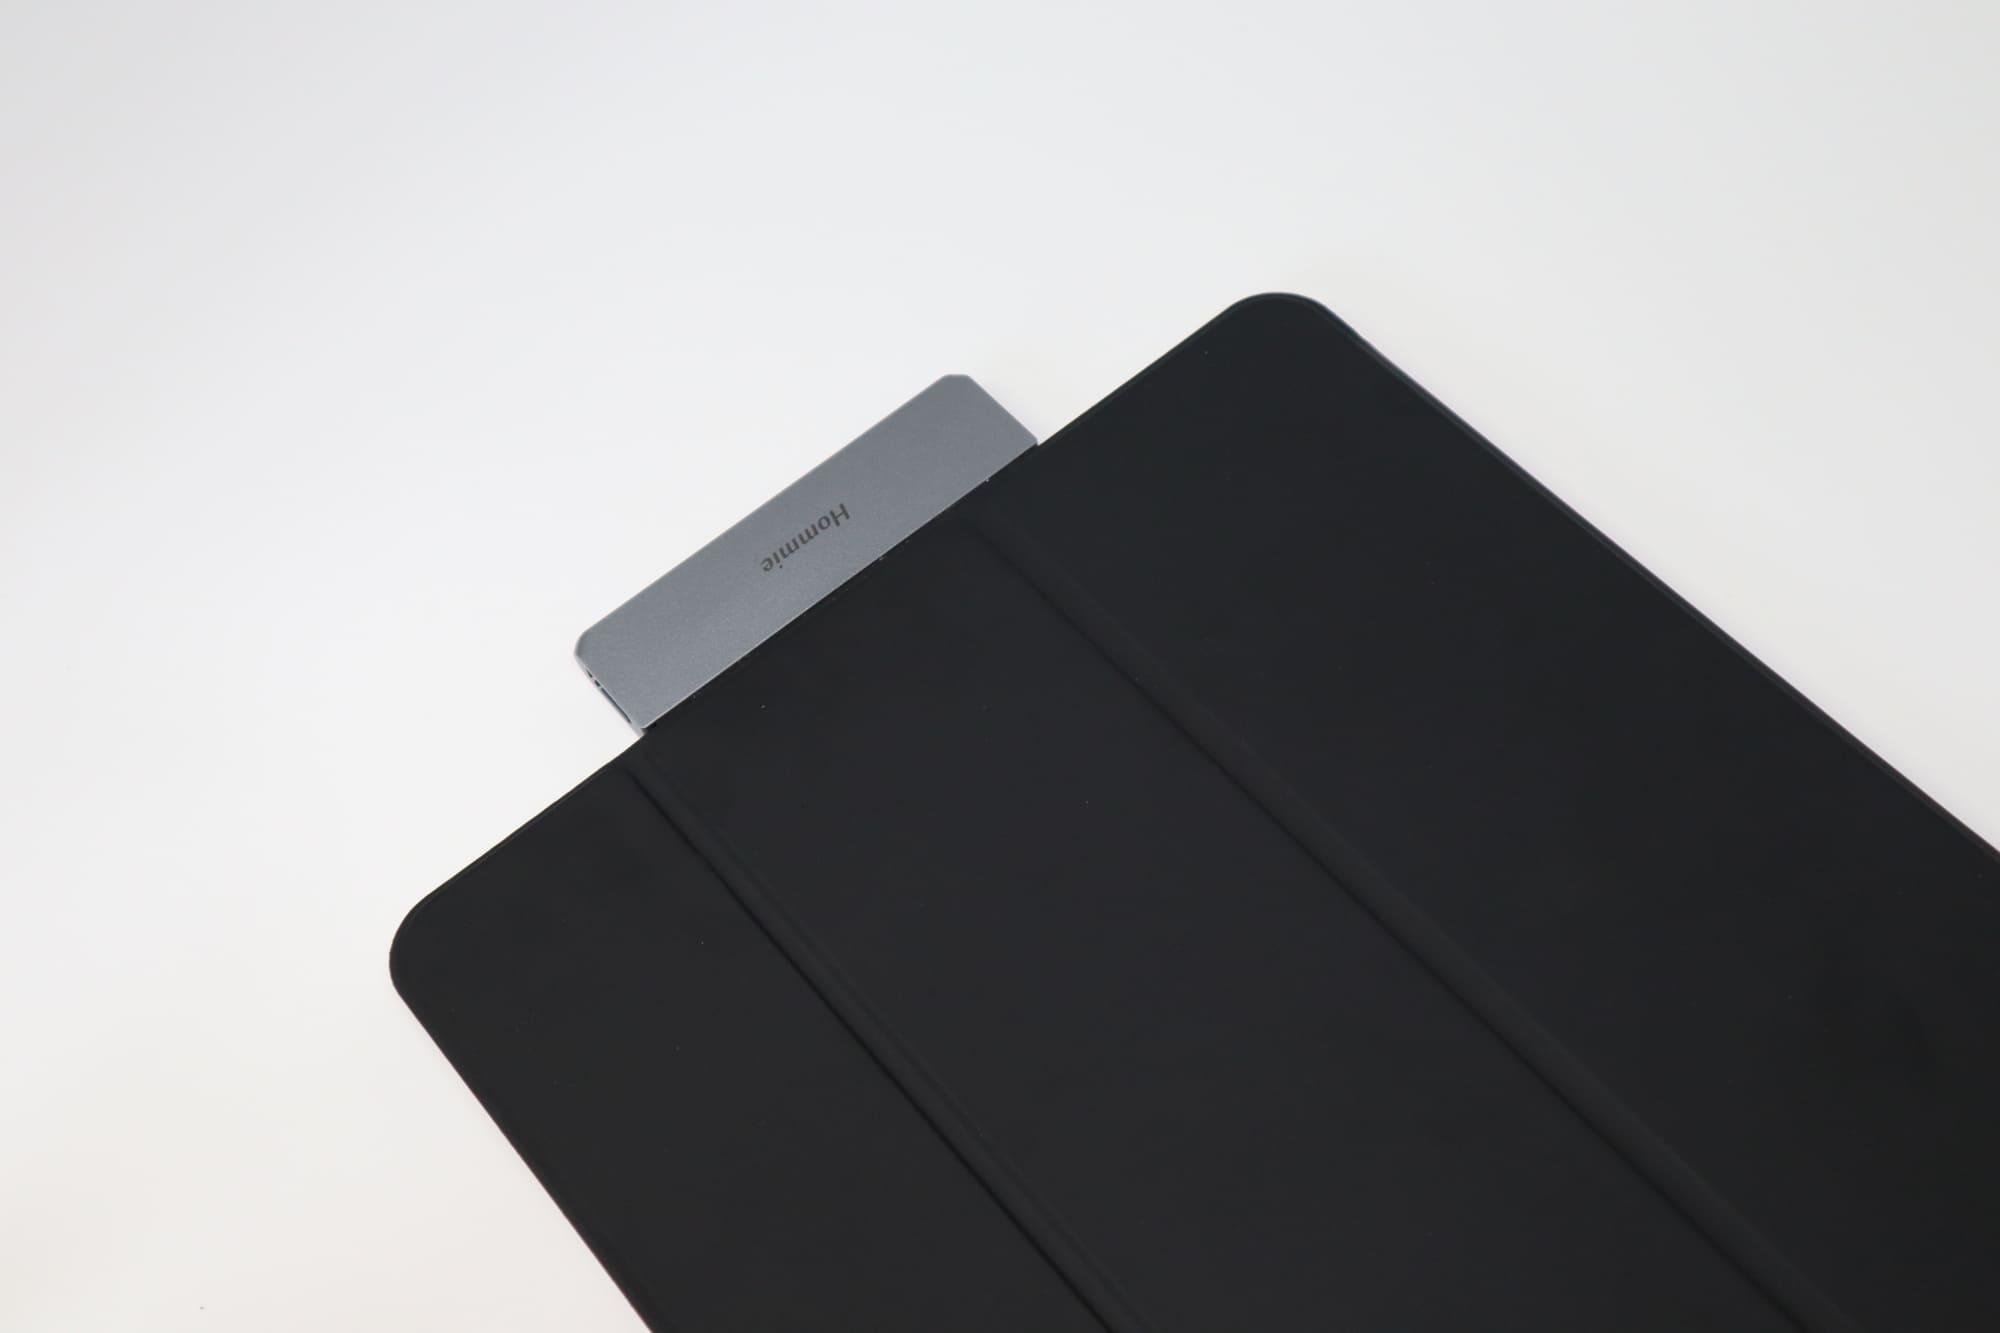 カバーとHommie Type-C モバイル ハブ ドッキングステーションをつけたiPad